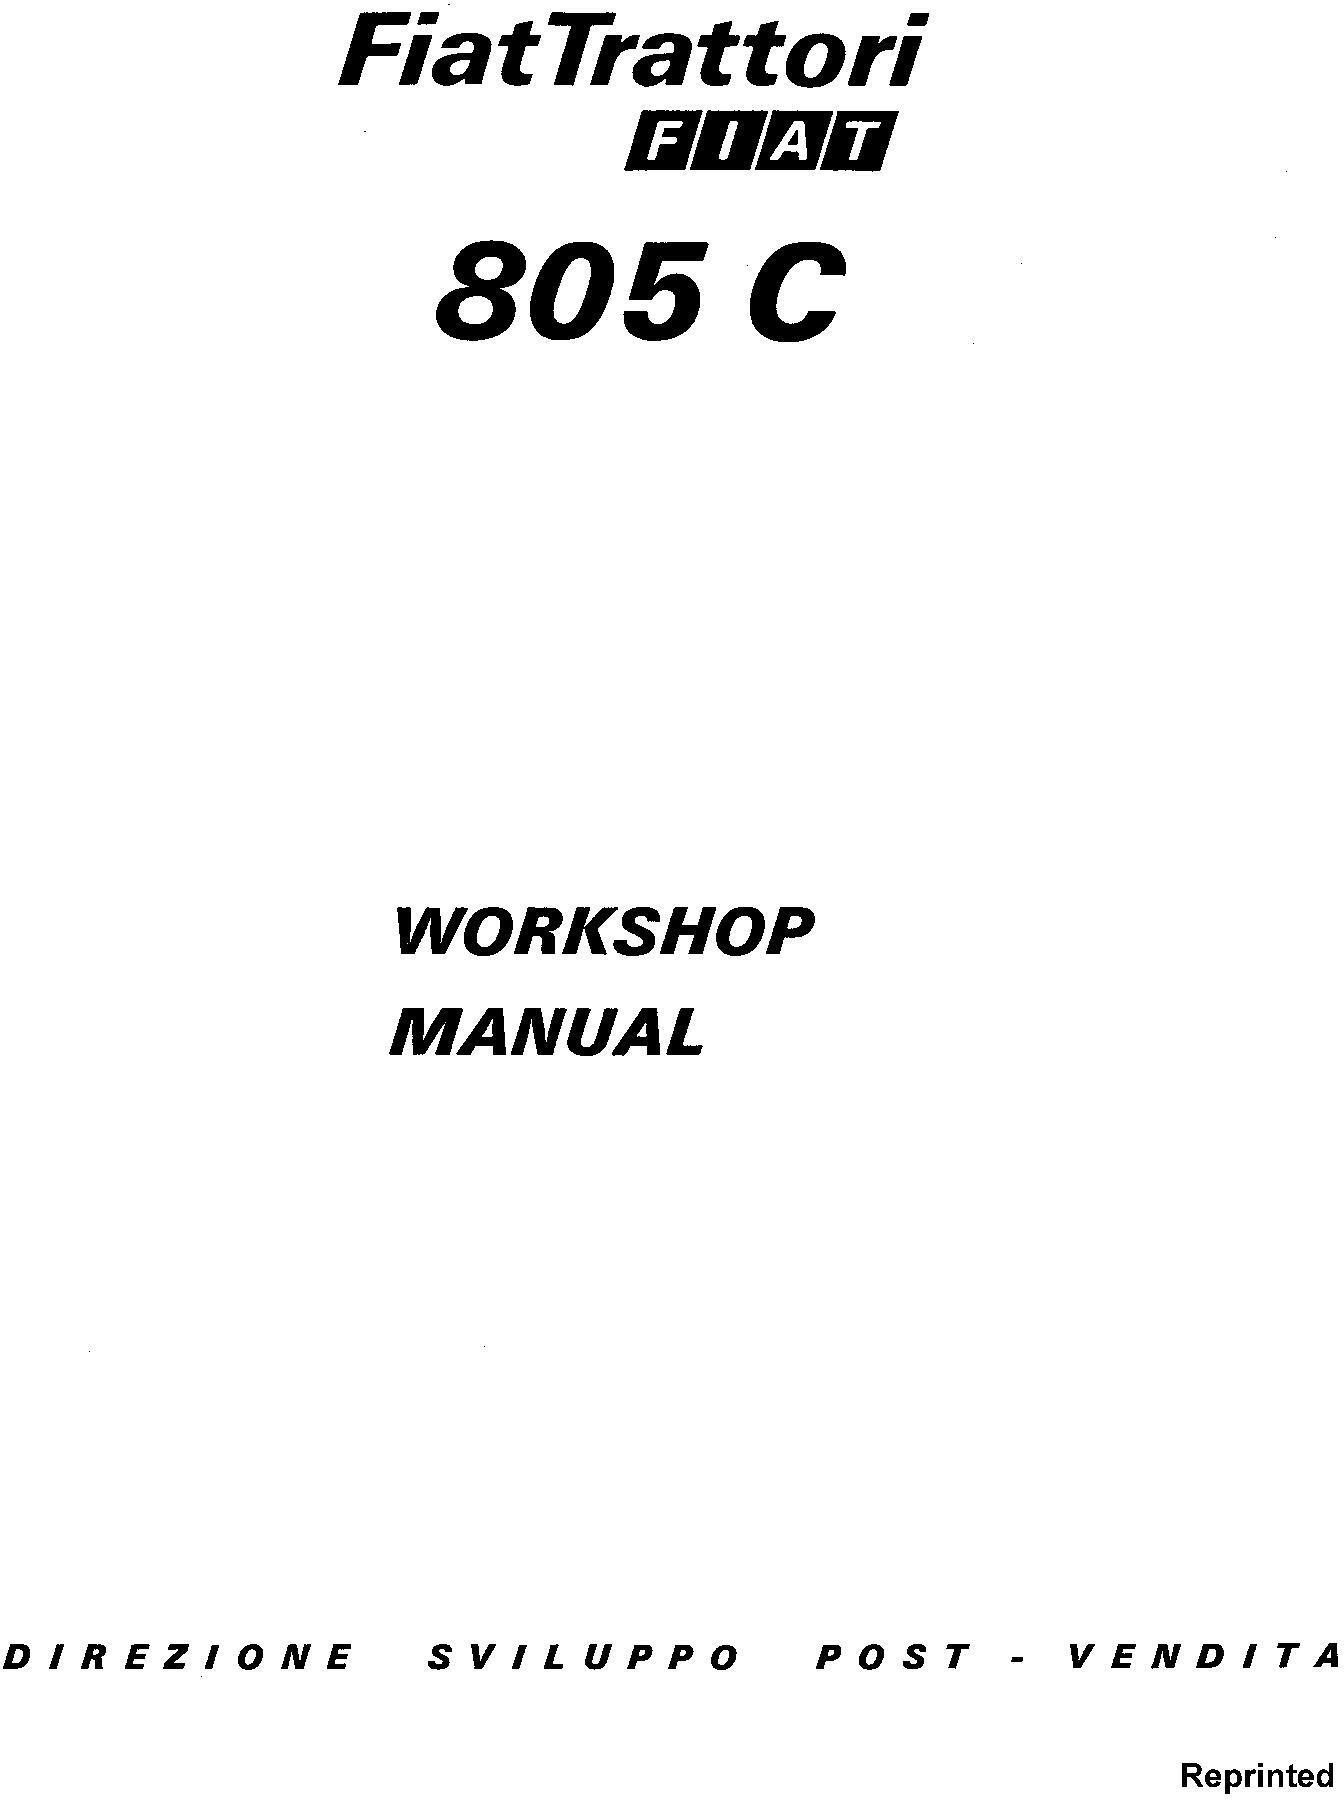 Fiat 805c Crawler Tractors Workshop Service Manual Deere